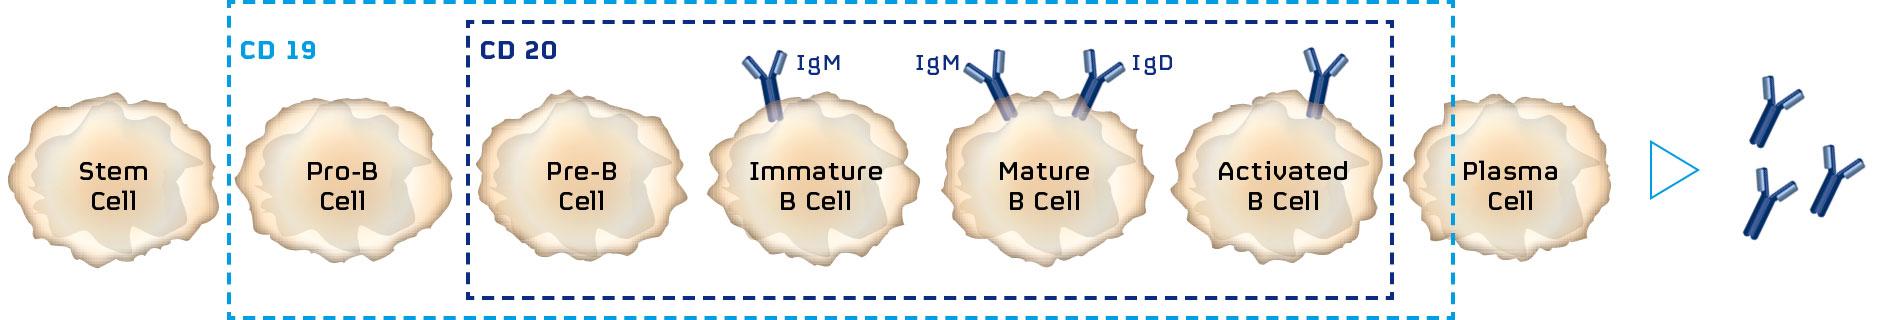 Тафаситамаб: моноклональное антитело, которое не хуже CAR-T-терапии